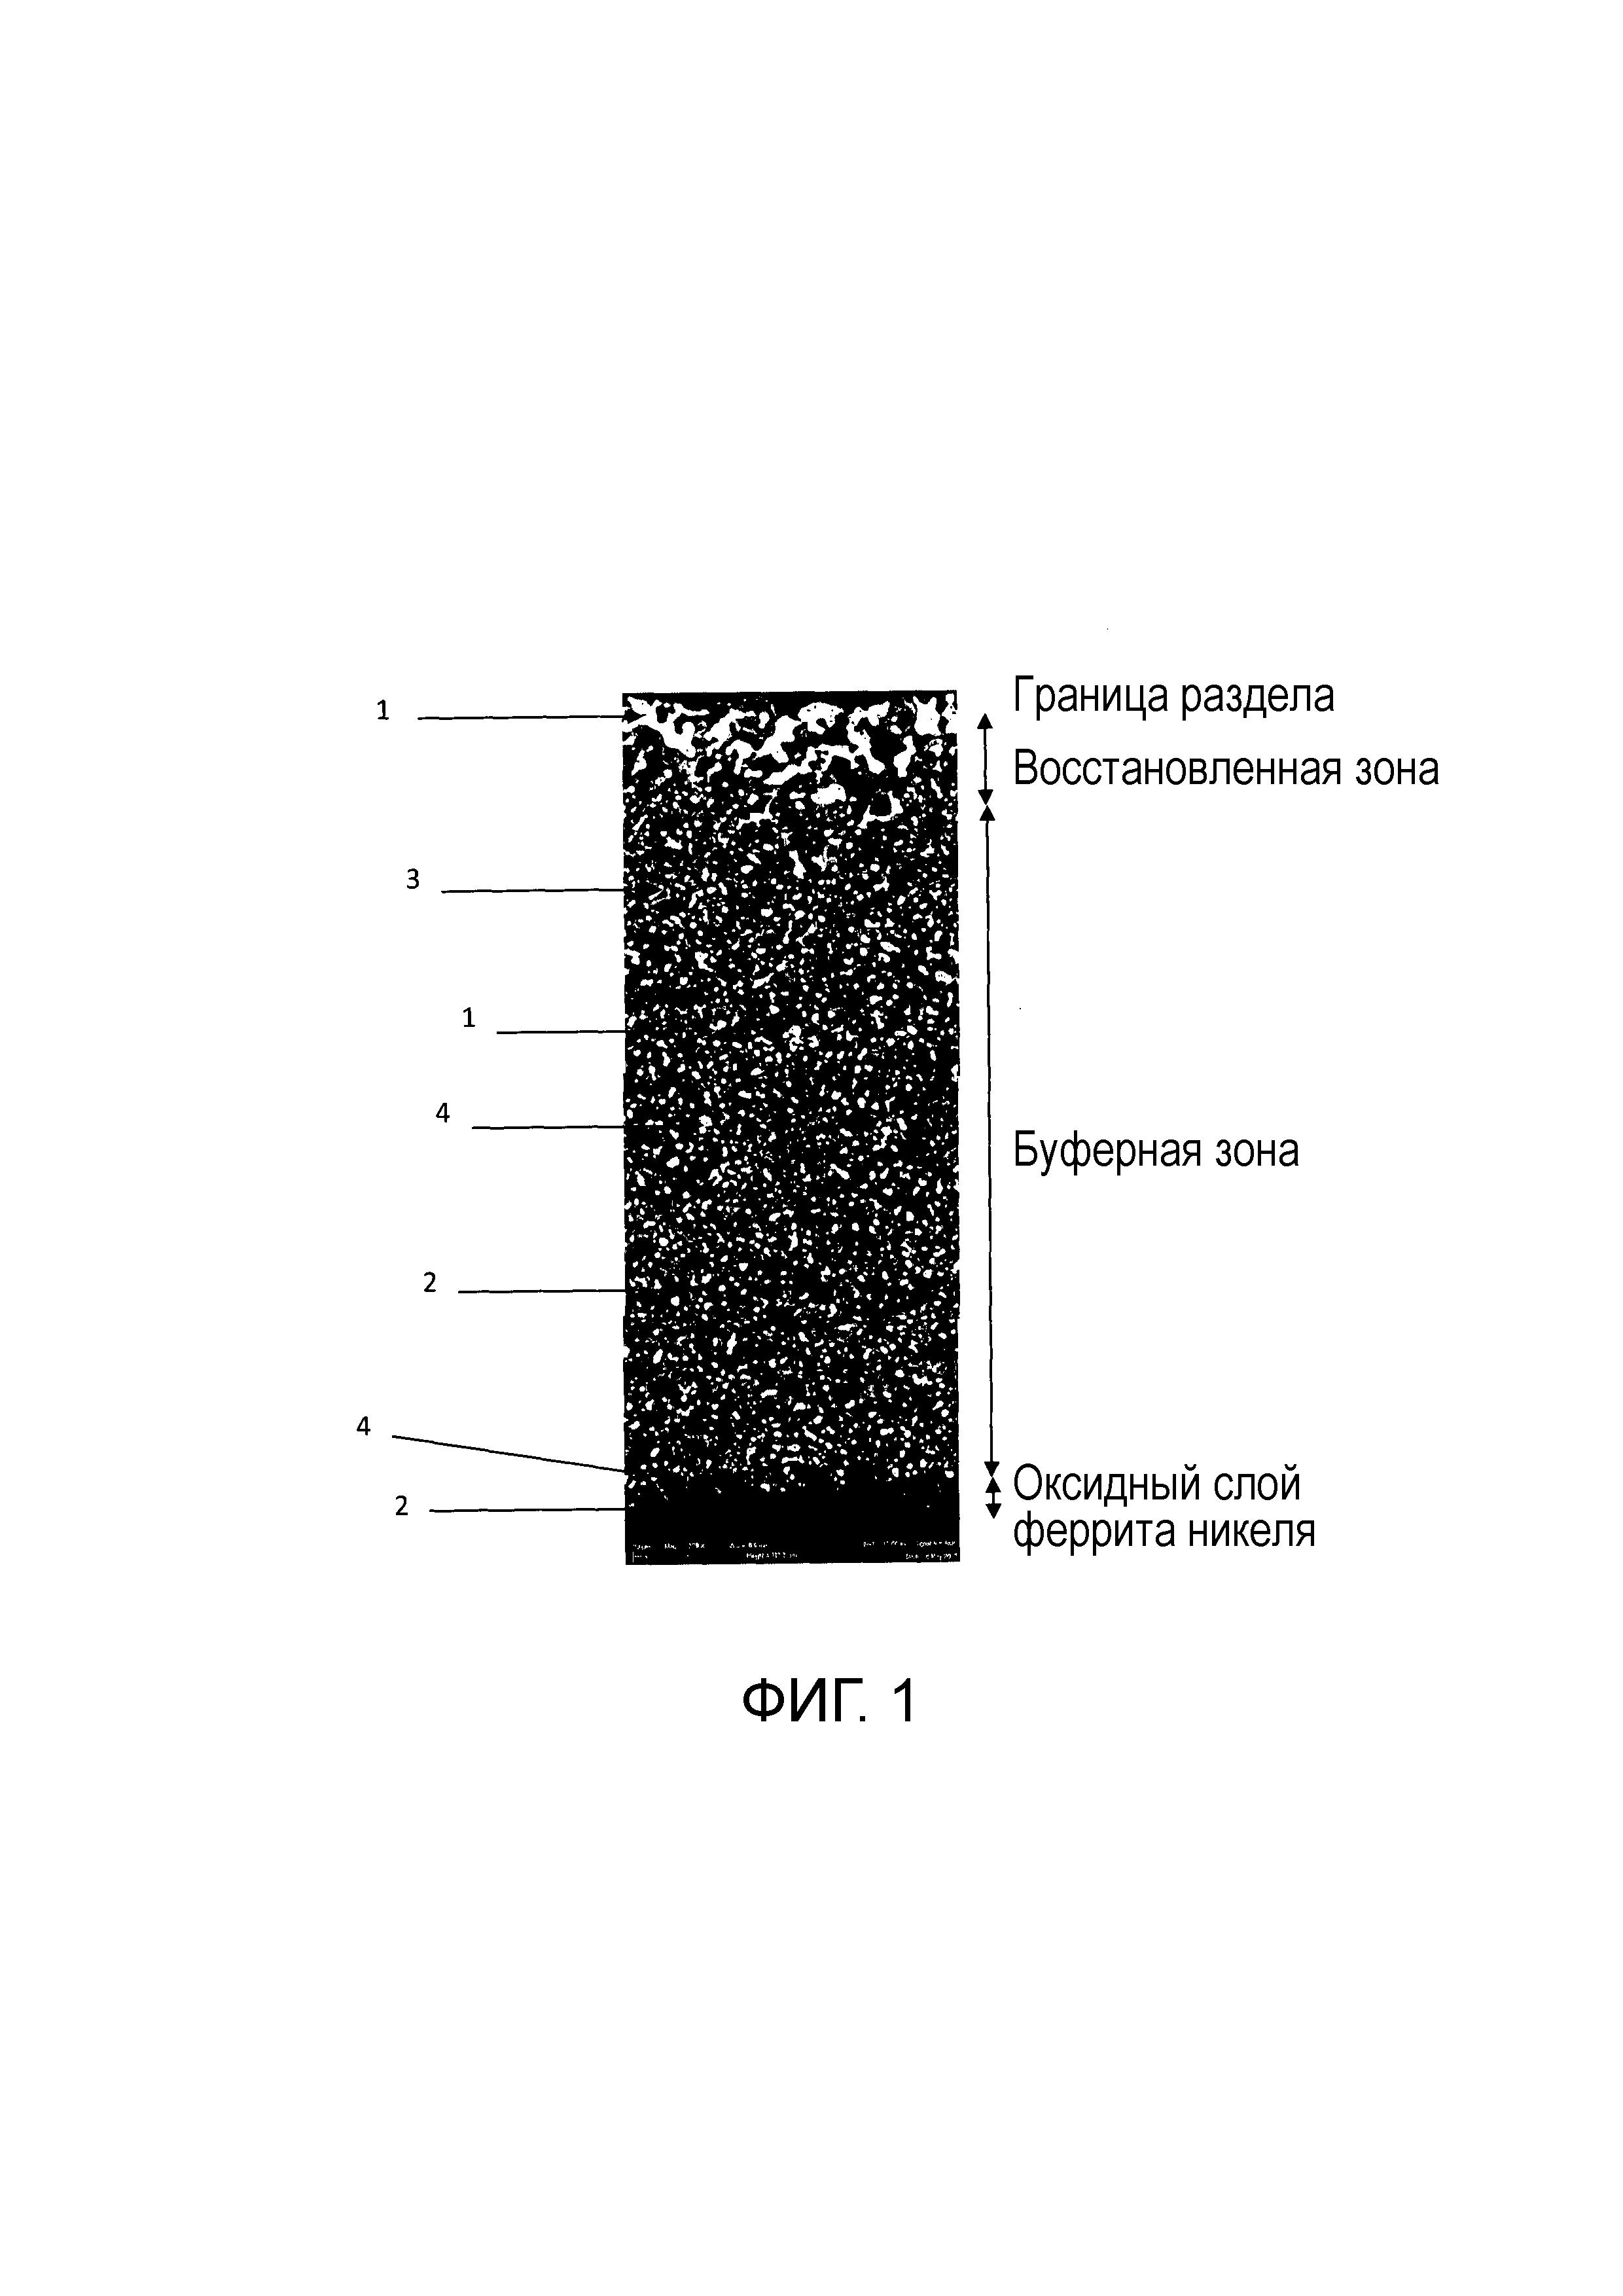 Электродный материал и его применение для получения инертного анода